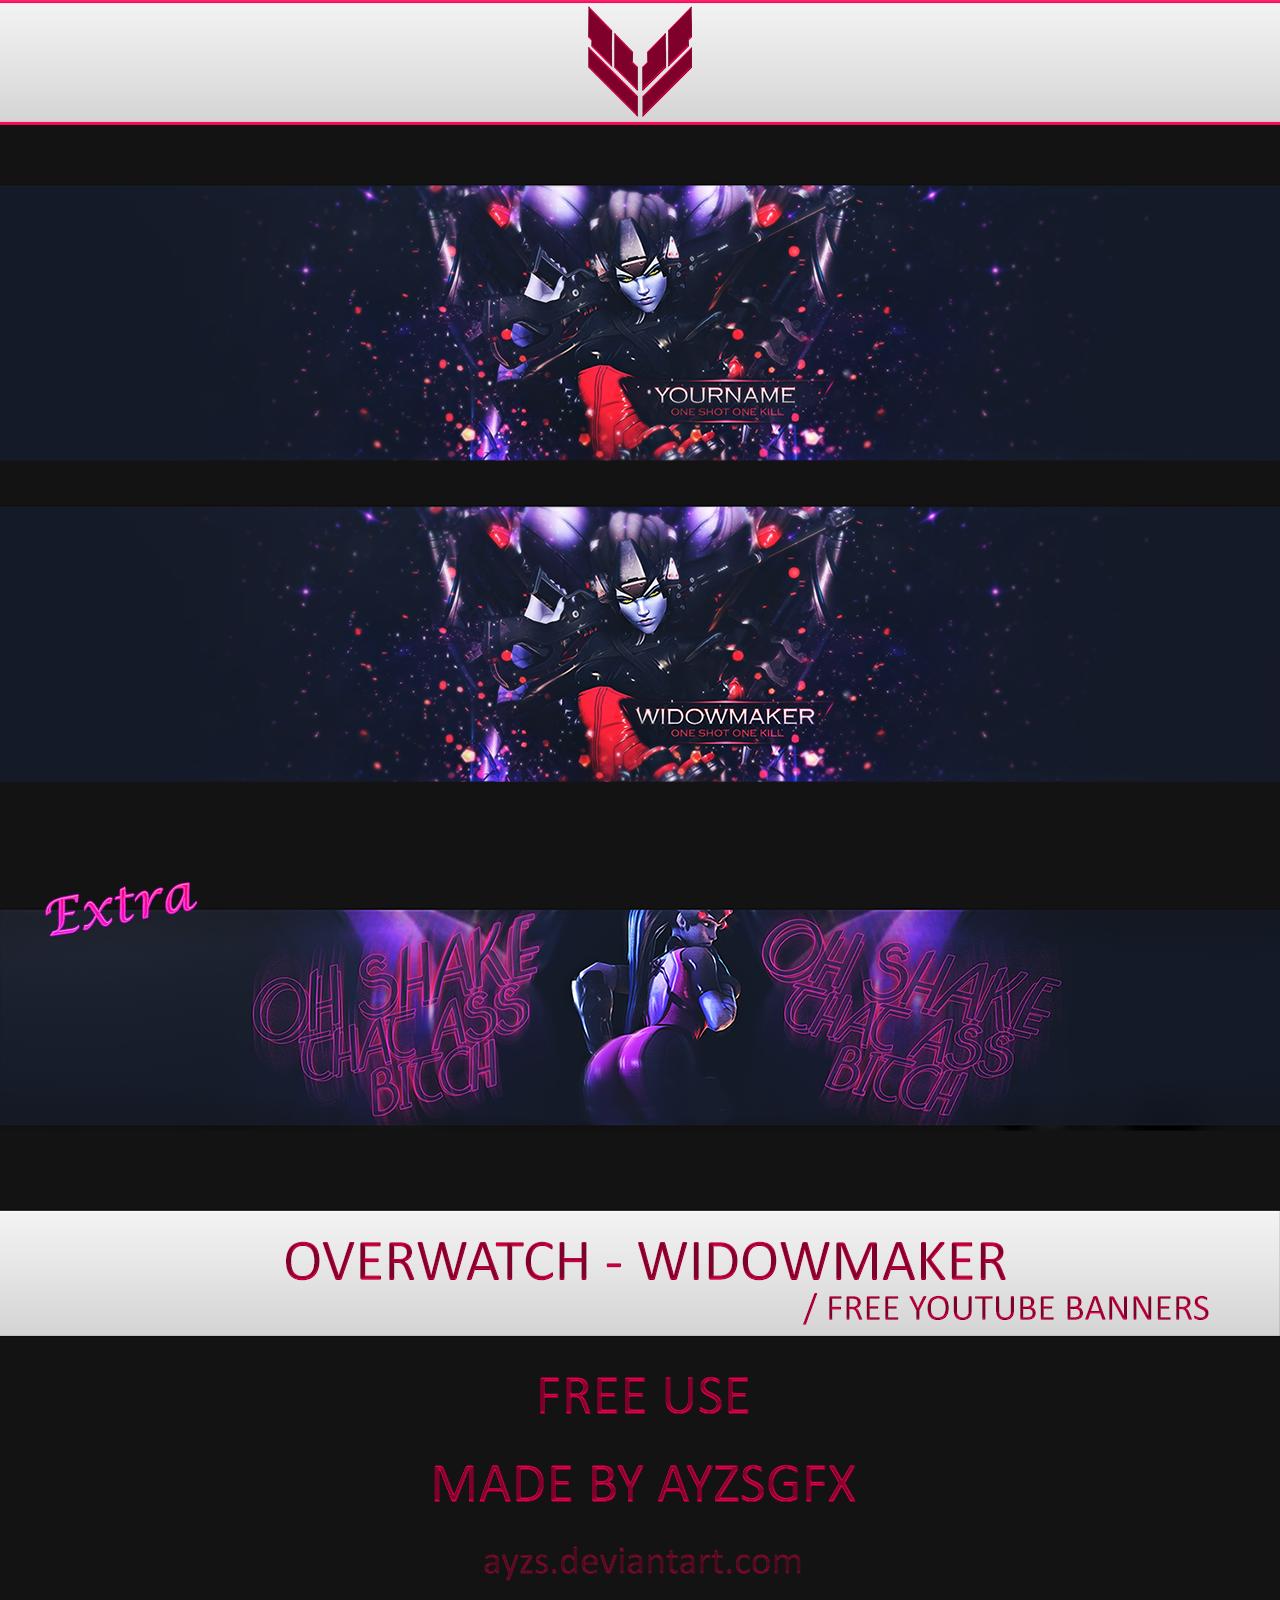 Banner Widowmaker Preview_by_ayzs-dacrdxp